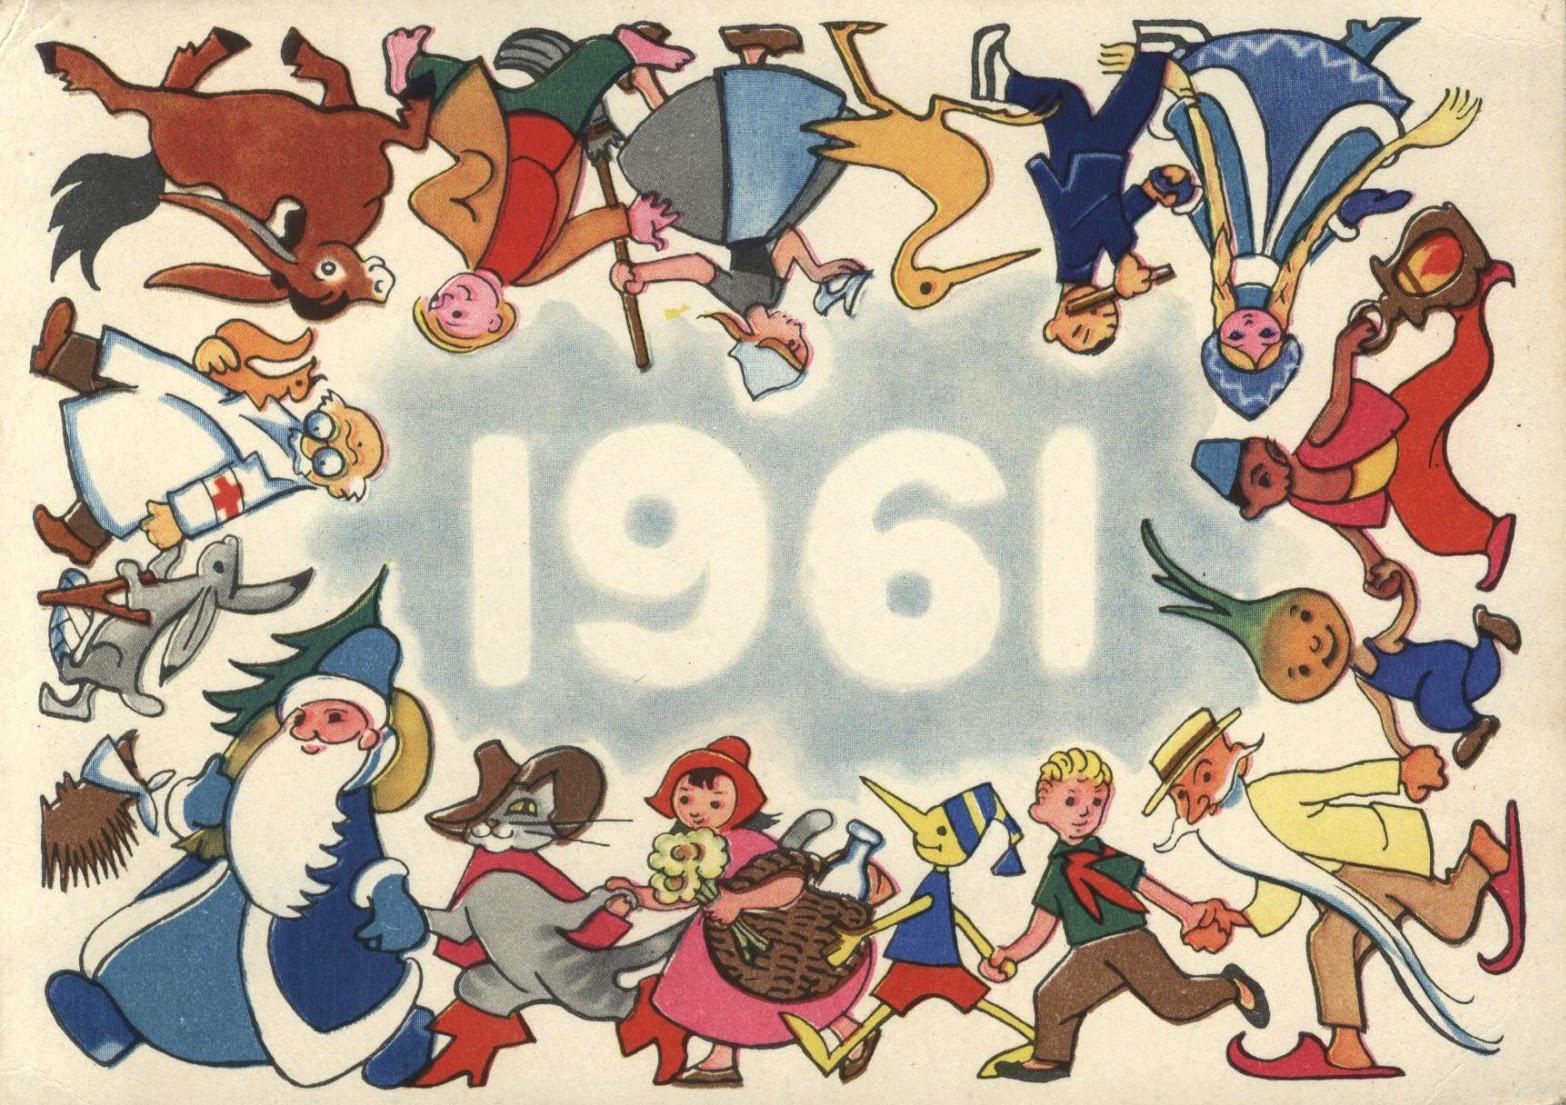 открытка с Новым годом1961